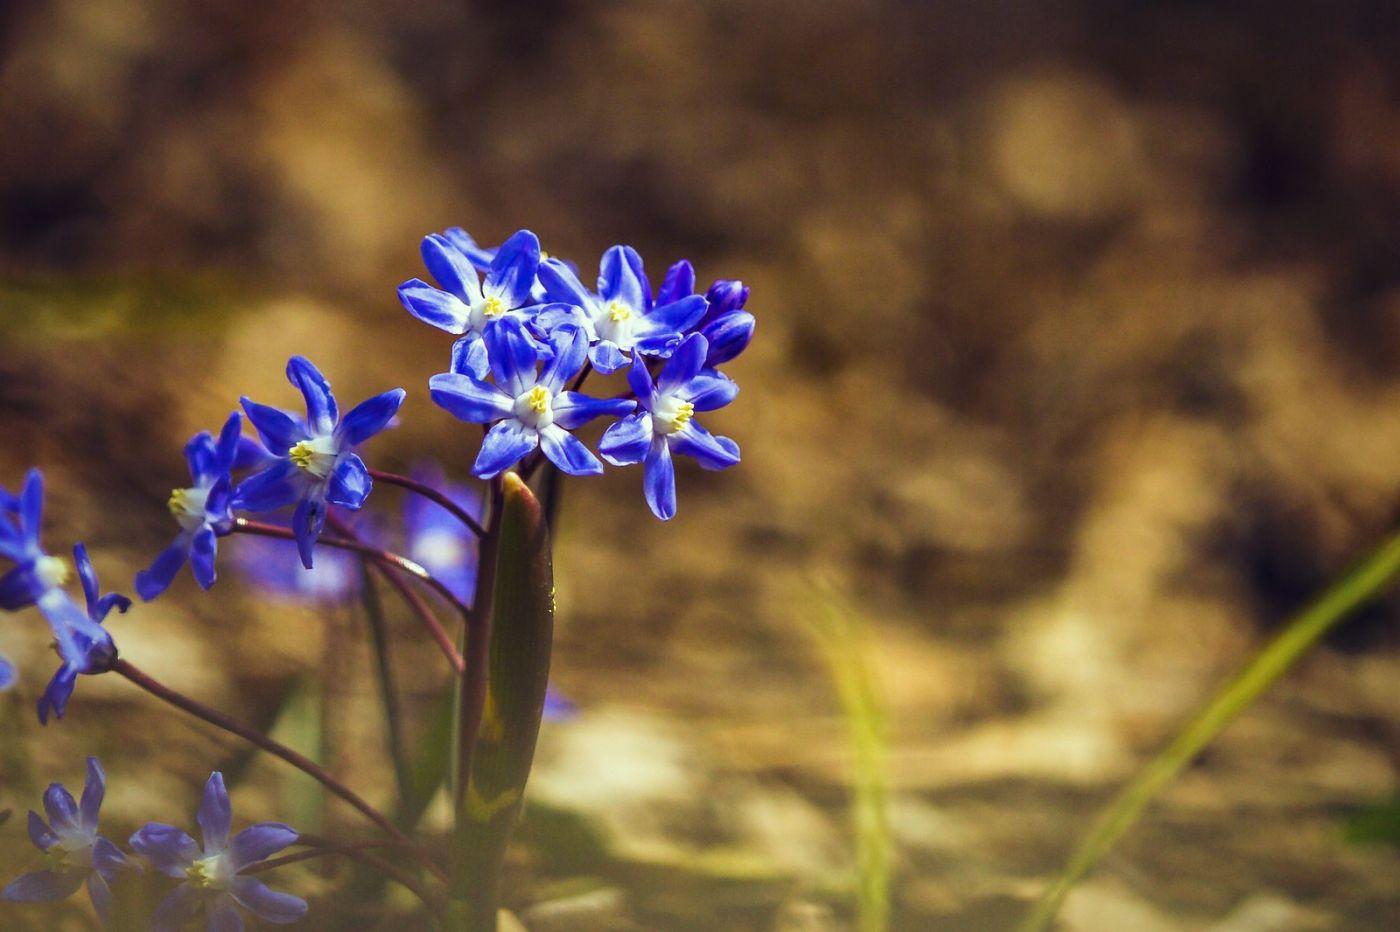 初春的脚步_图1-31